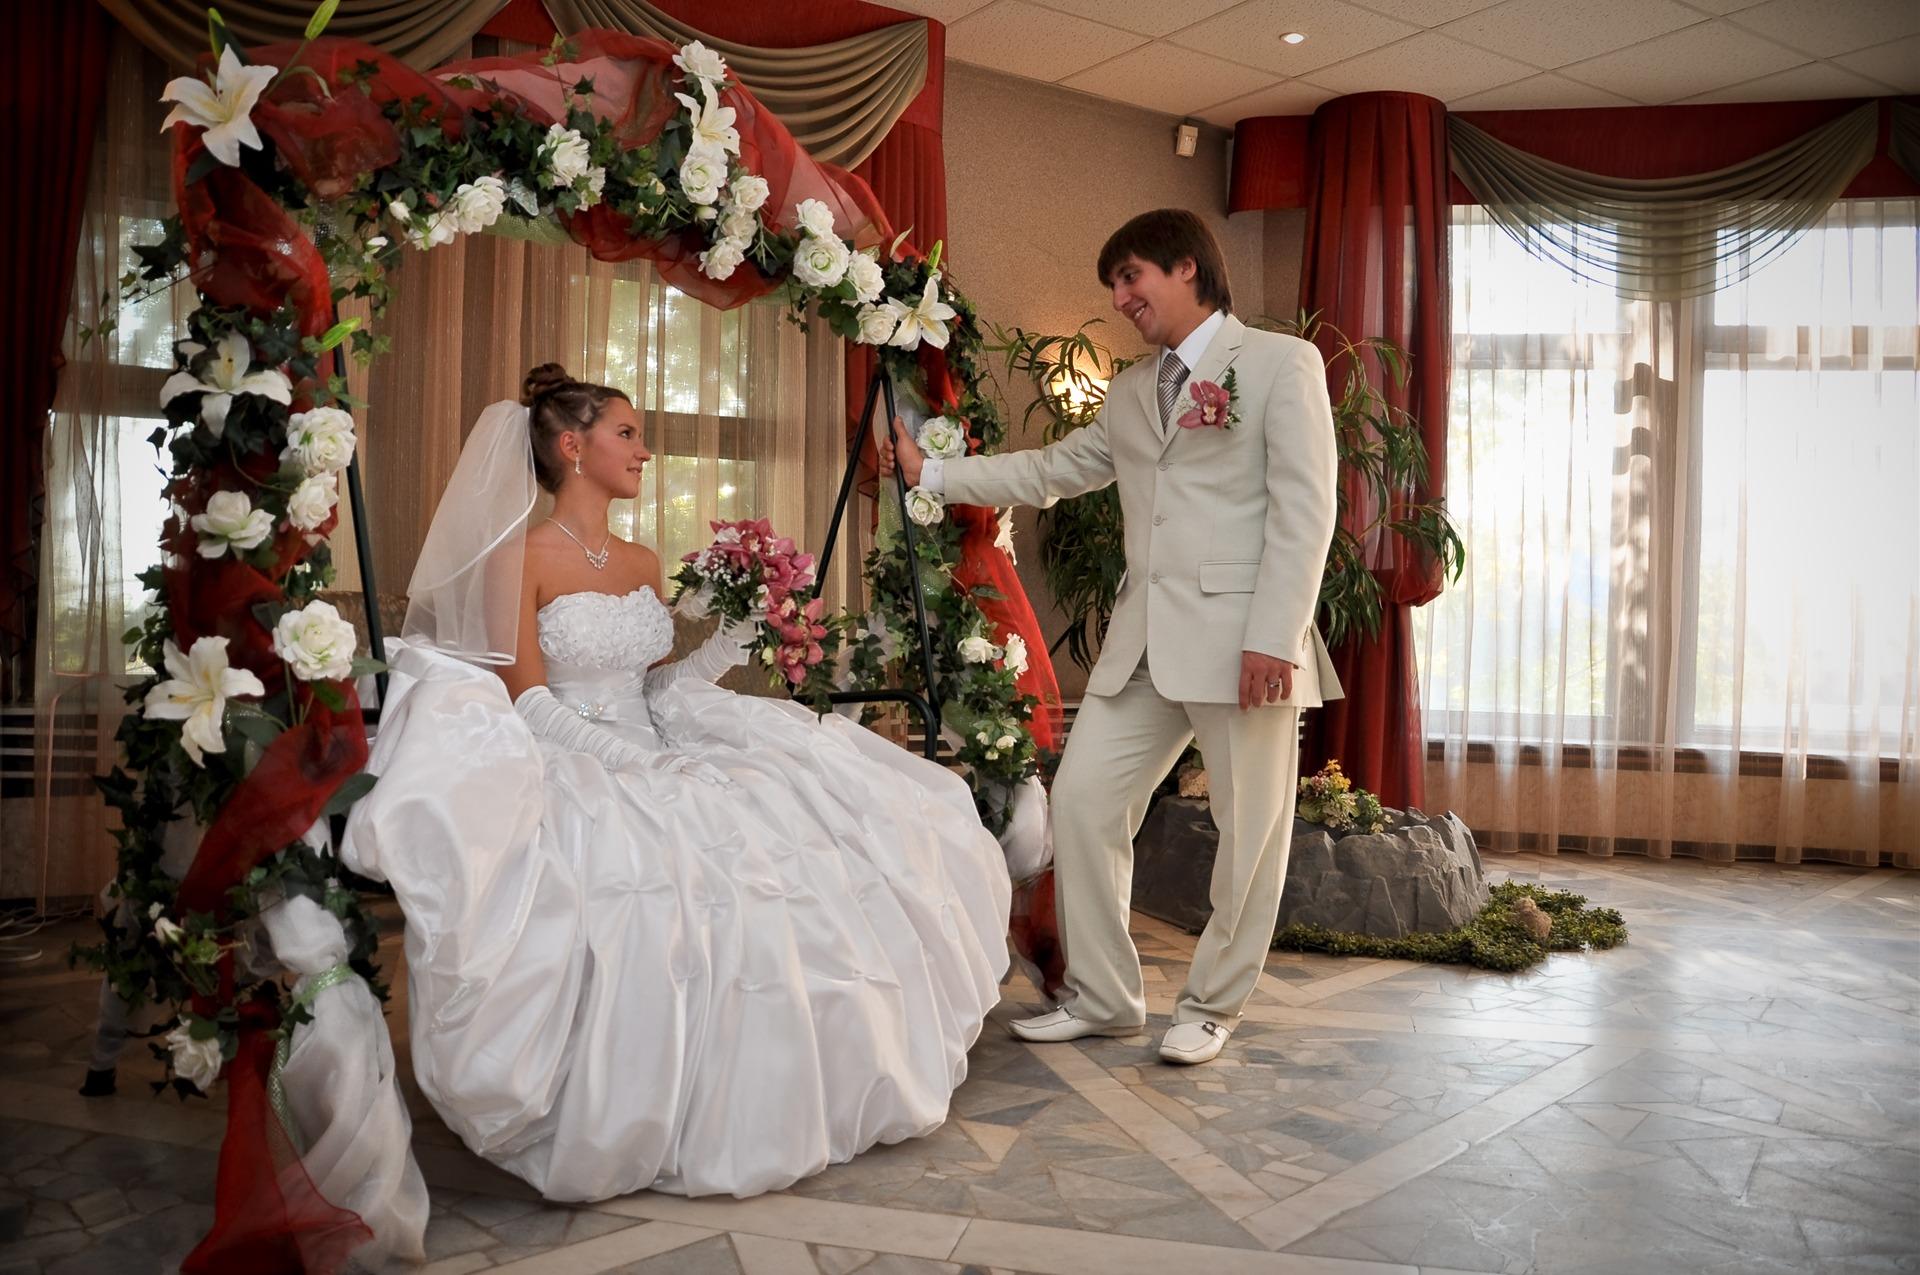 обслуживании, ах эта свадьба в картинках полицейские